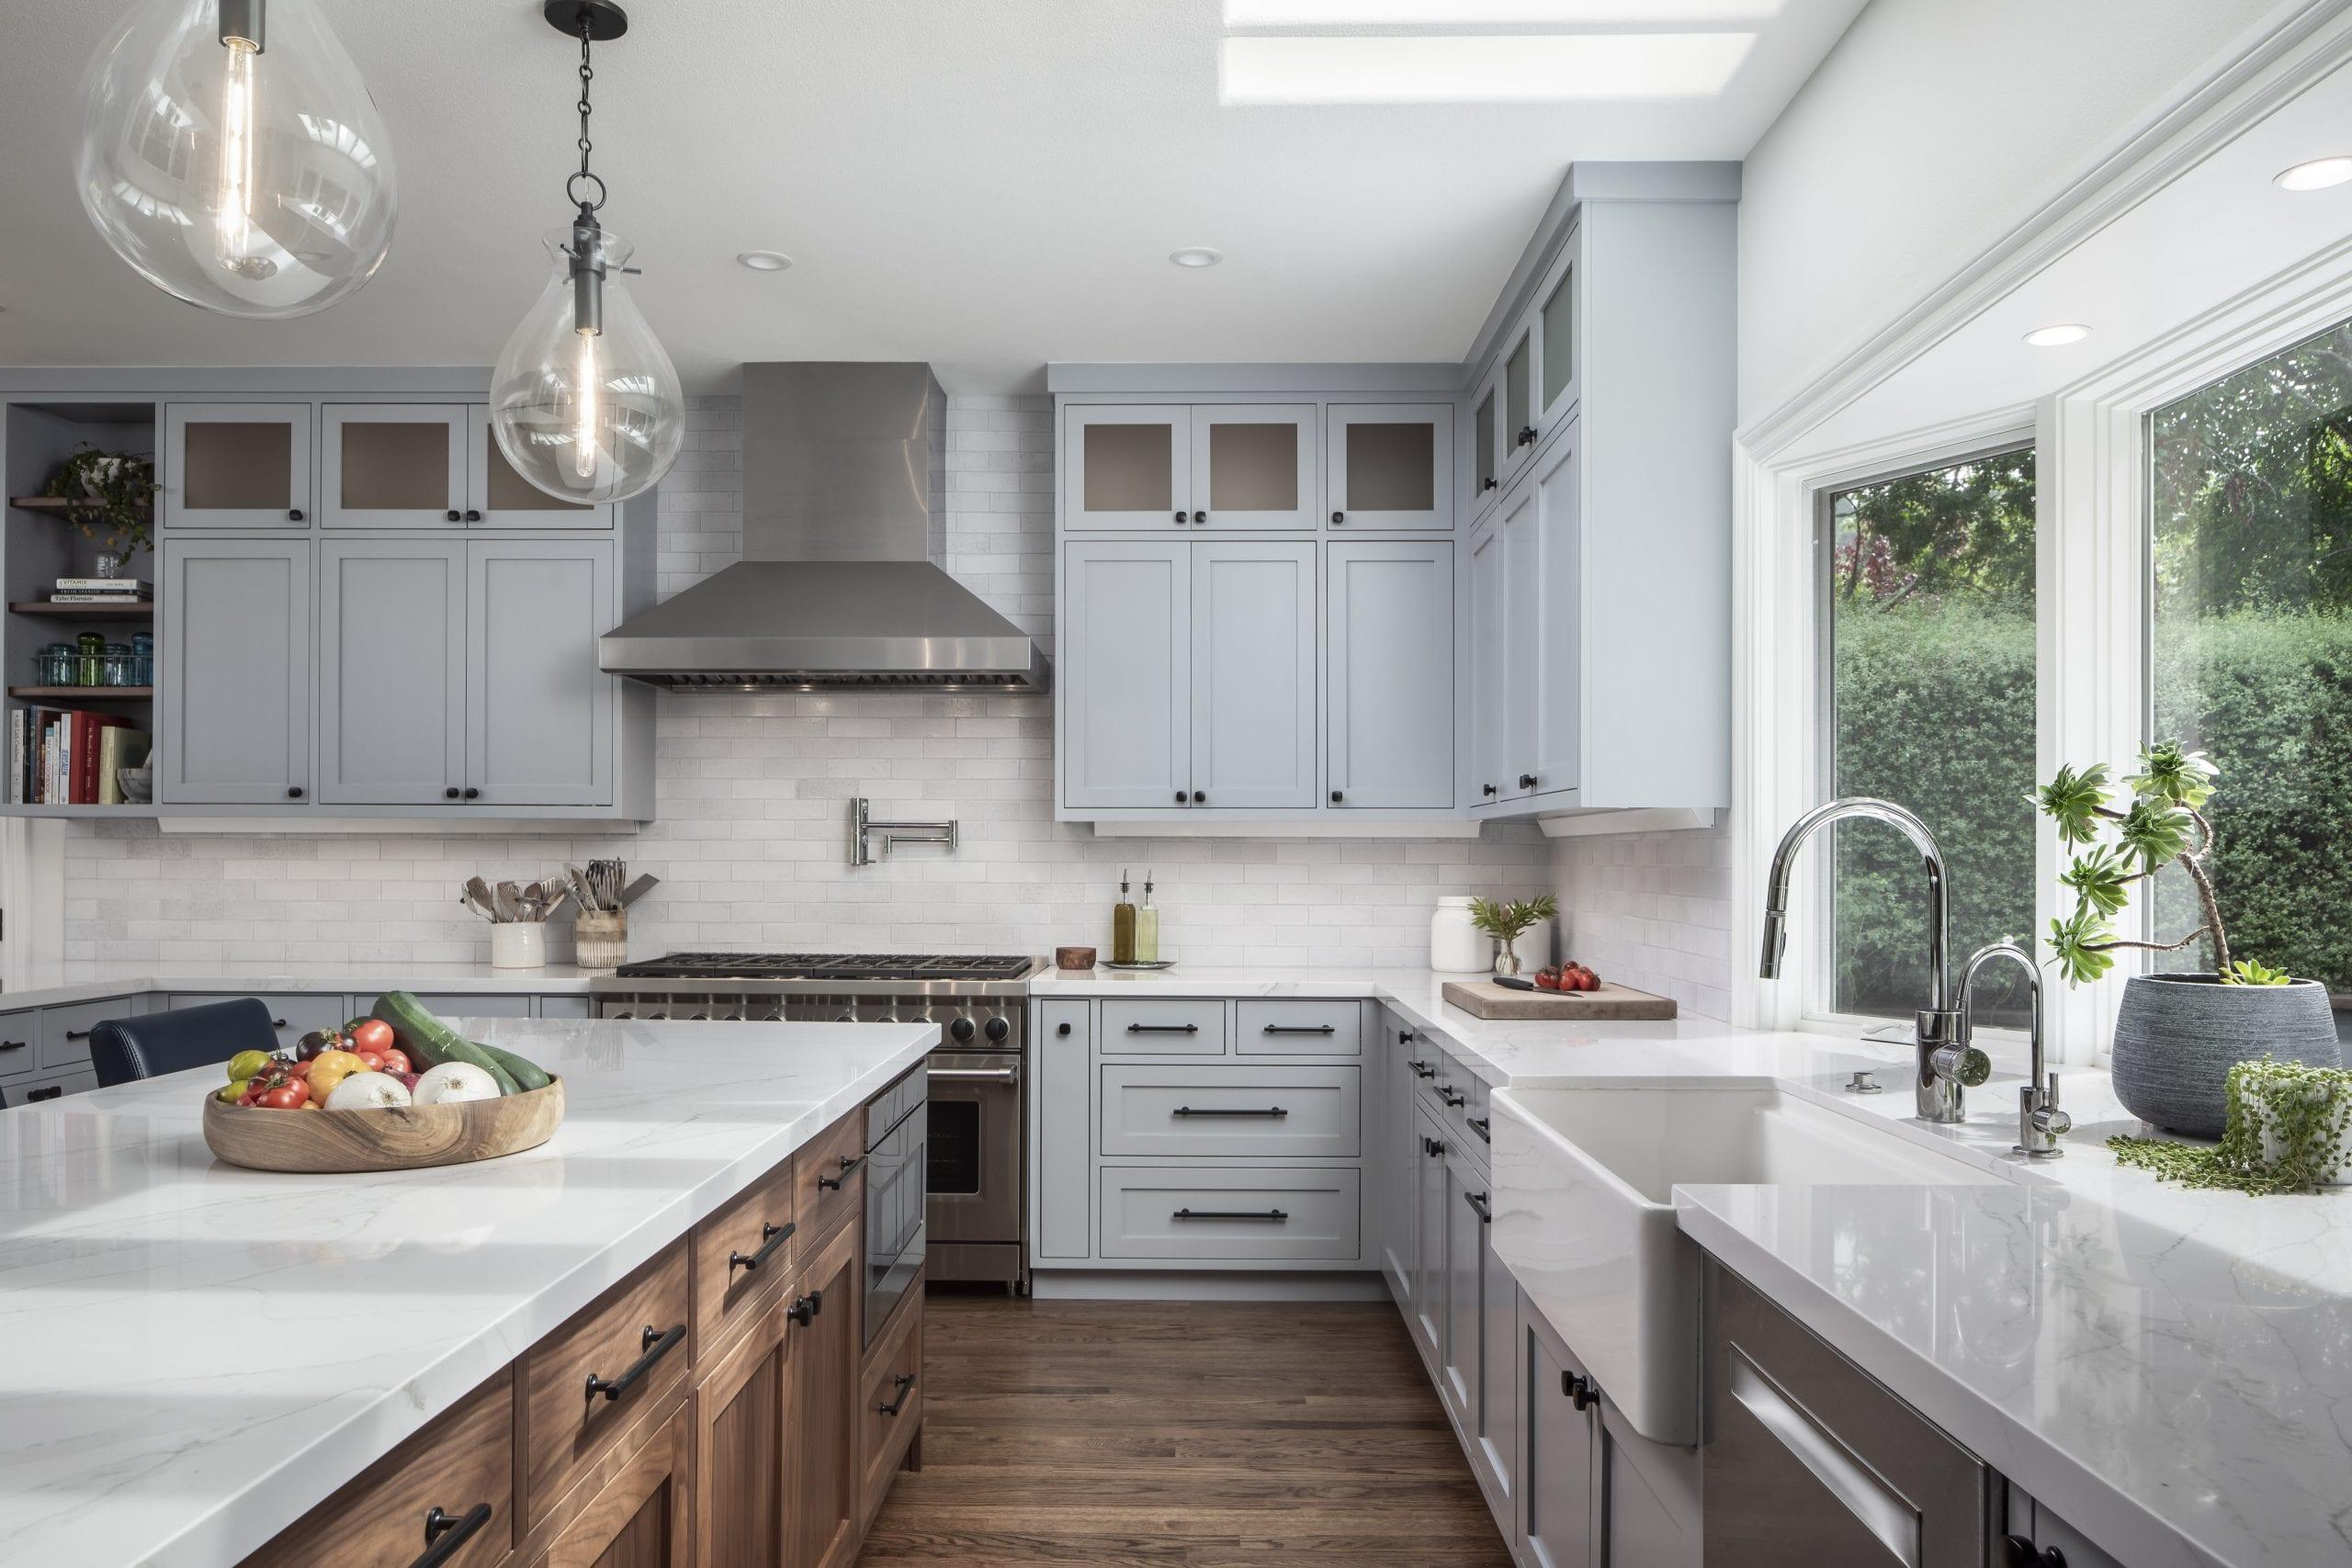 Walkway between kitchen island and kitchen sink